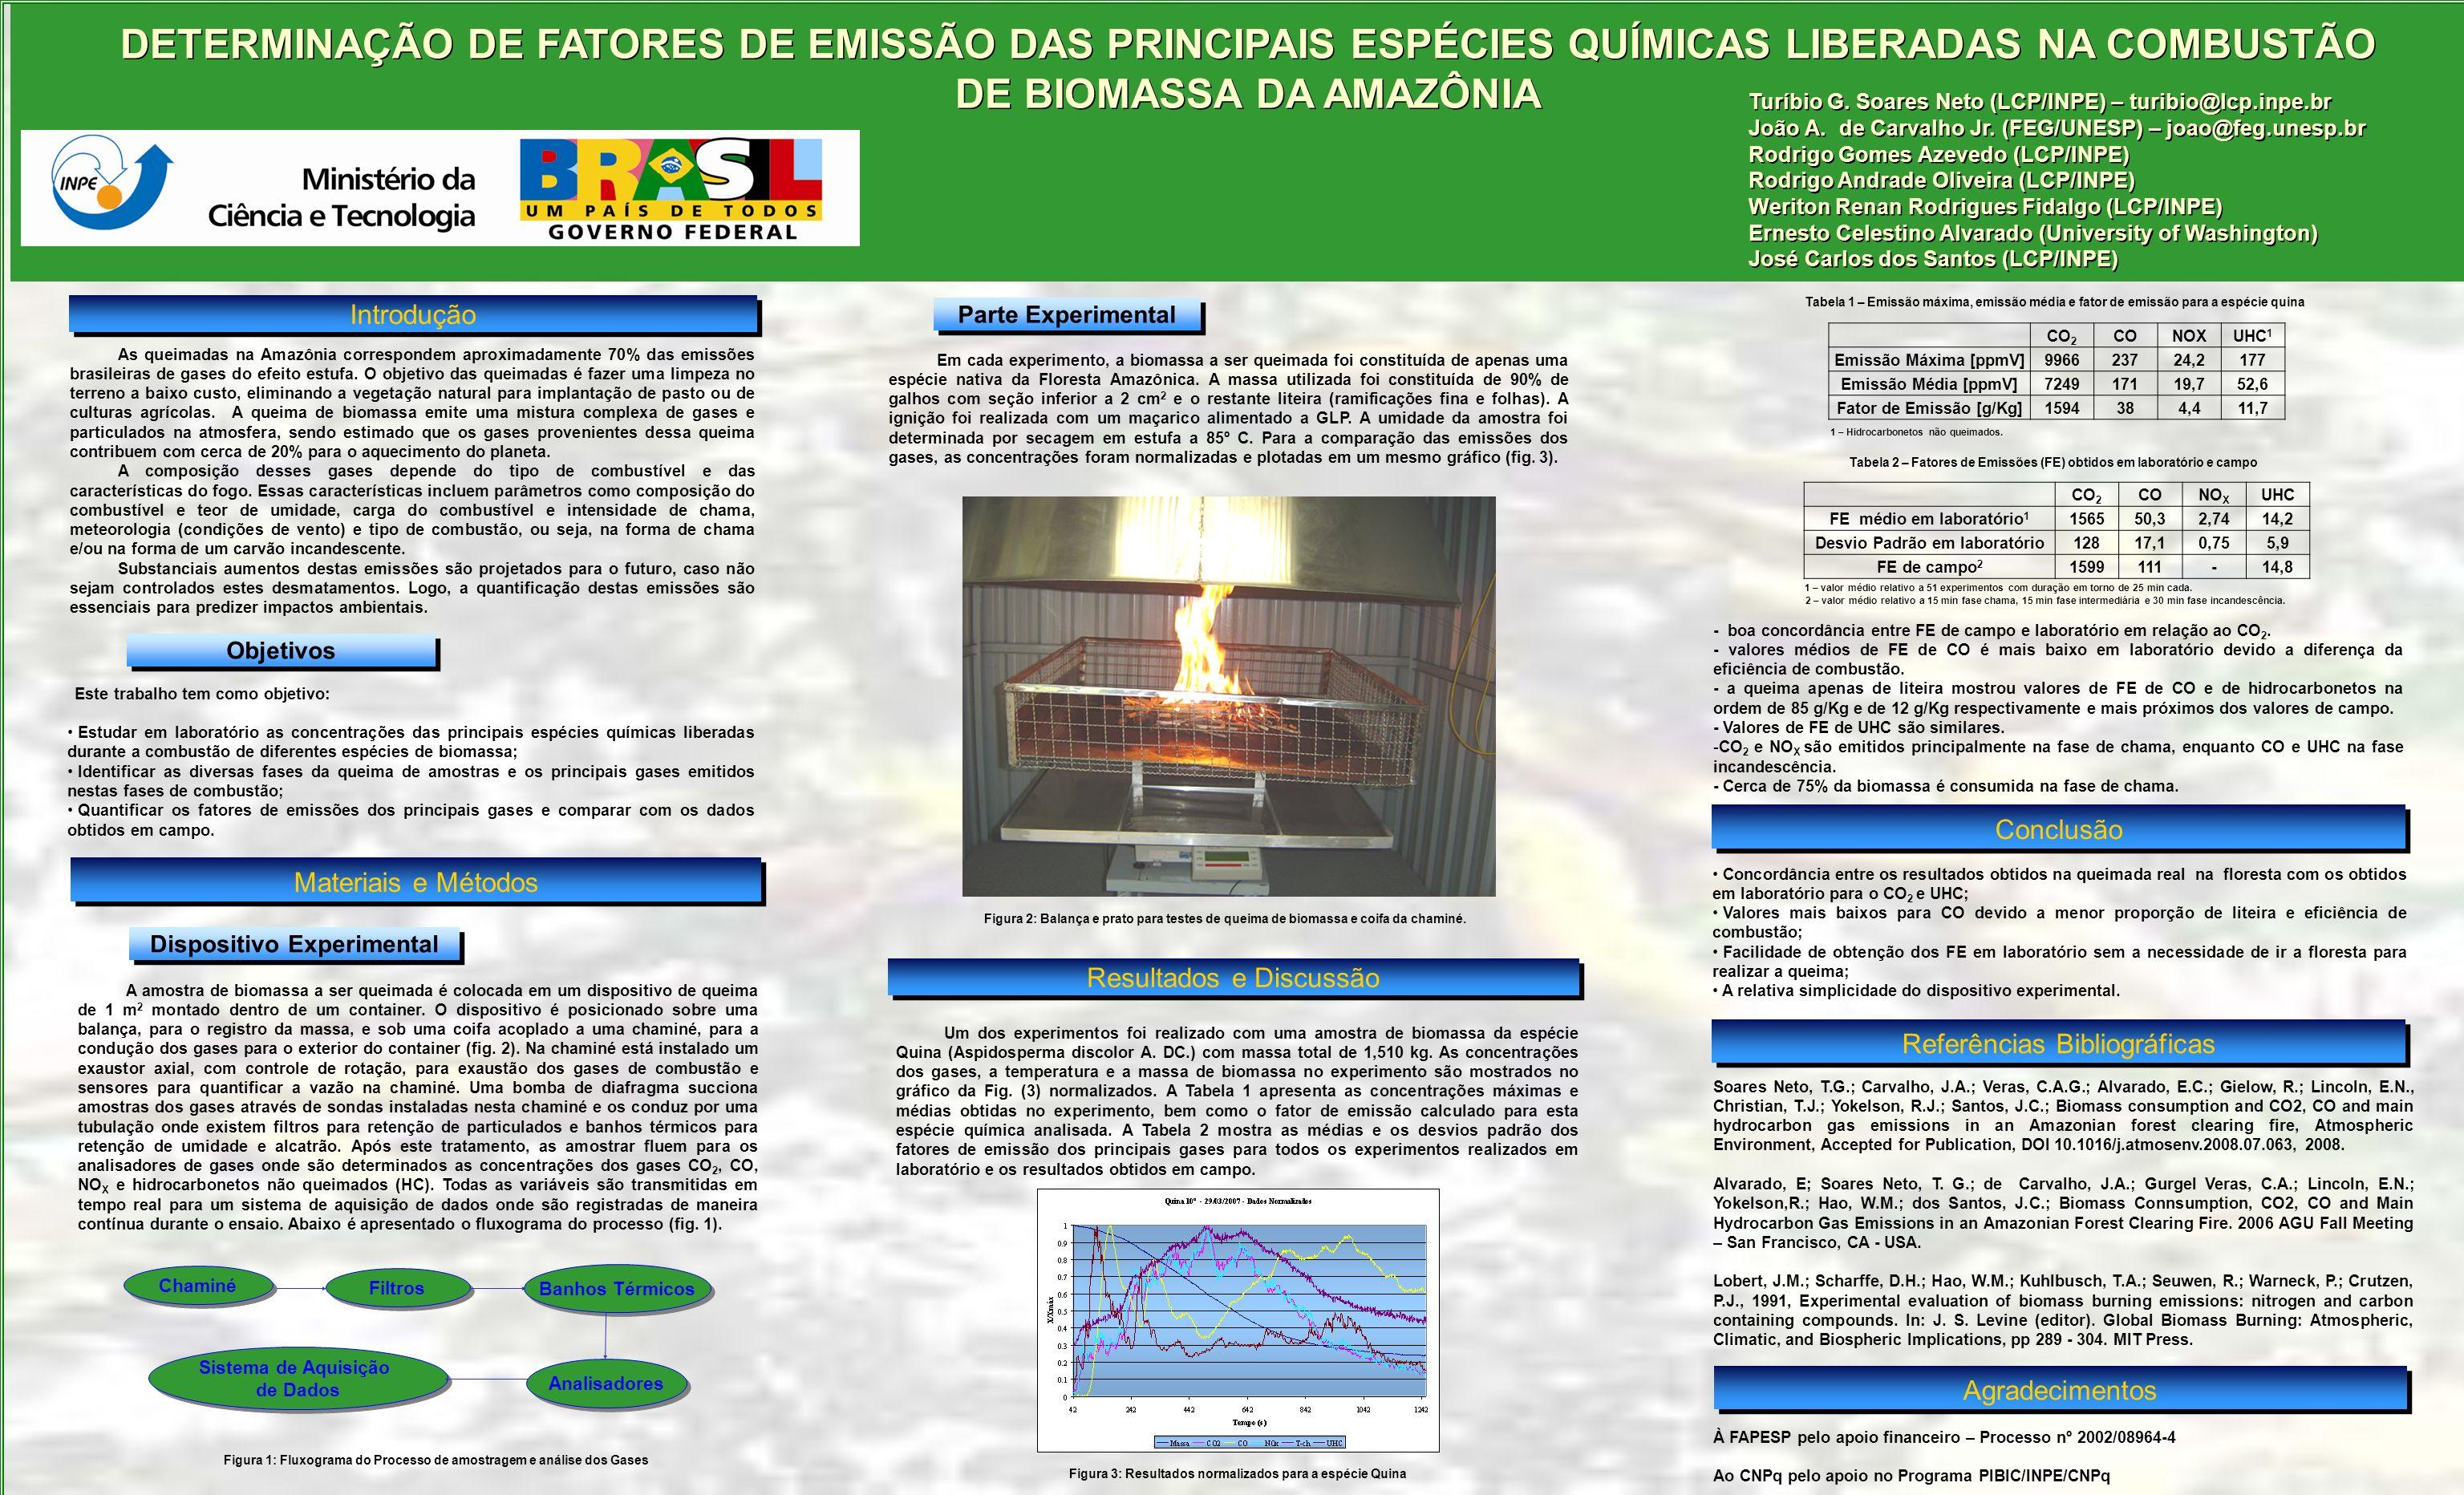 DETERMINAÇÃO DE FATORES DE EMISSÃO DAS PRINCIPAIS ESPÉCIES QUÍMICAS LIBERADAS NA COMBUSTÃO DE BIOMASSA DA AMAZÔNIA